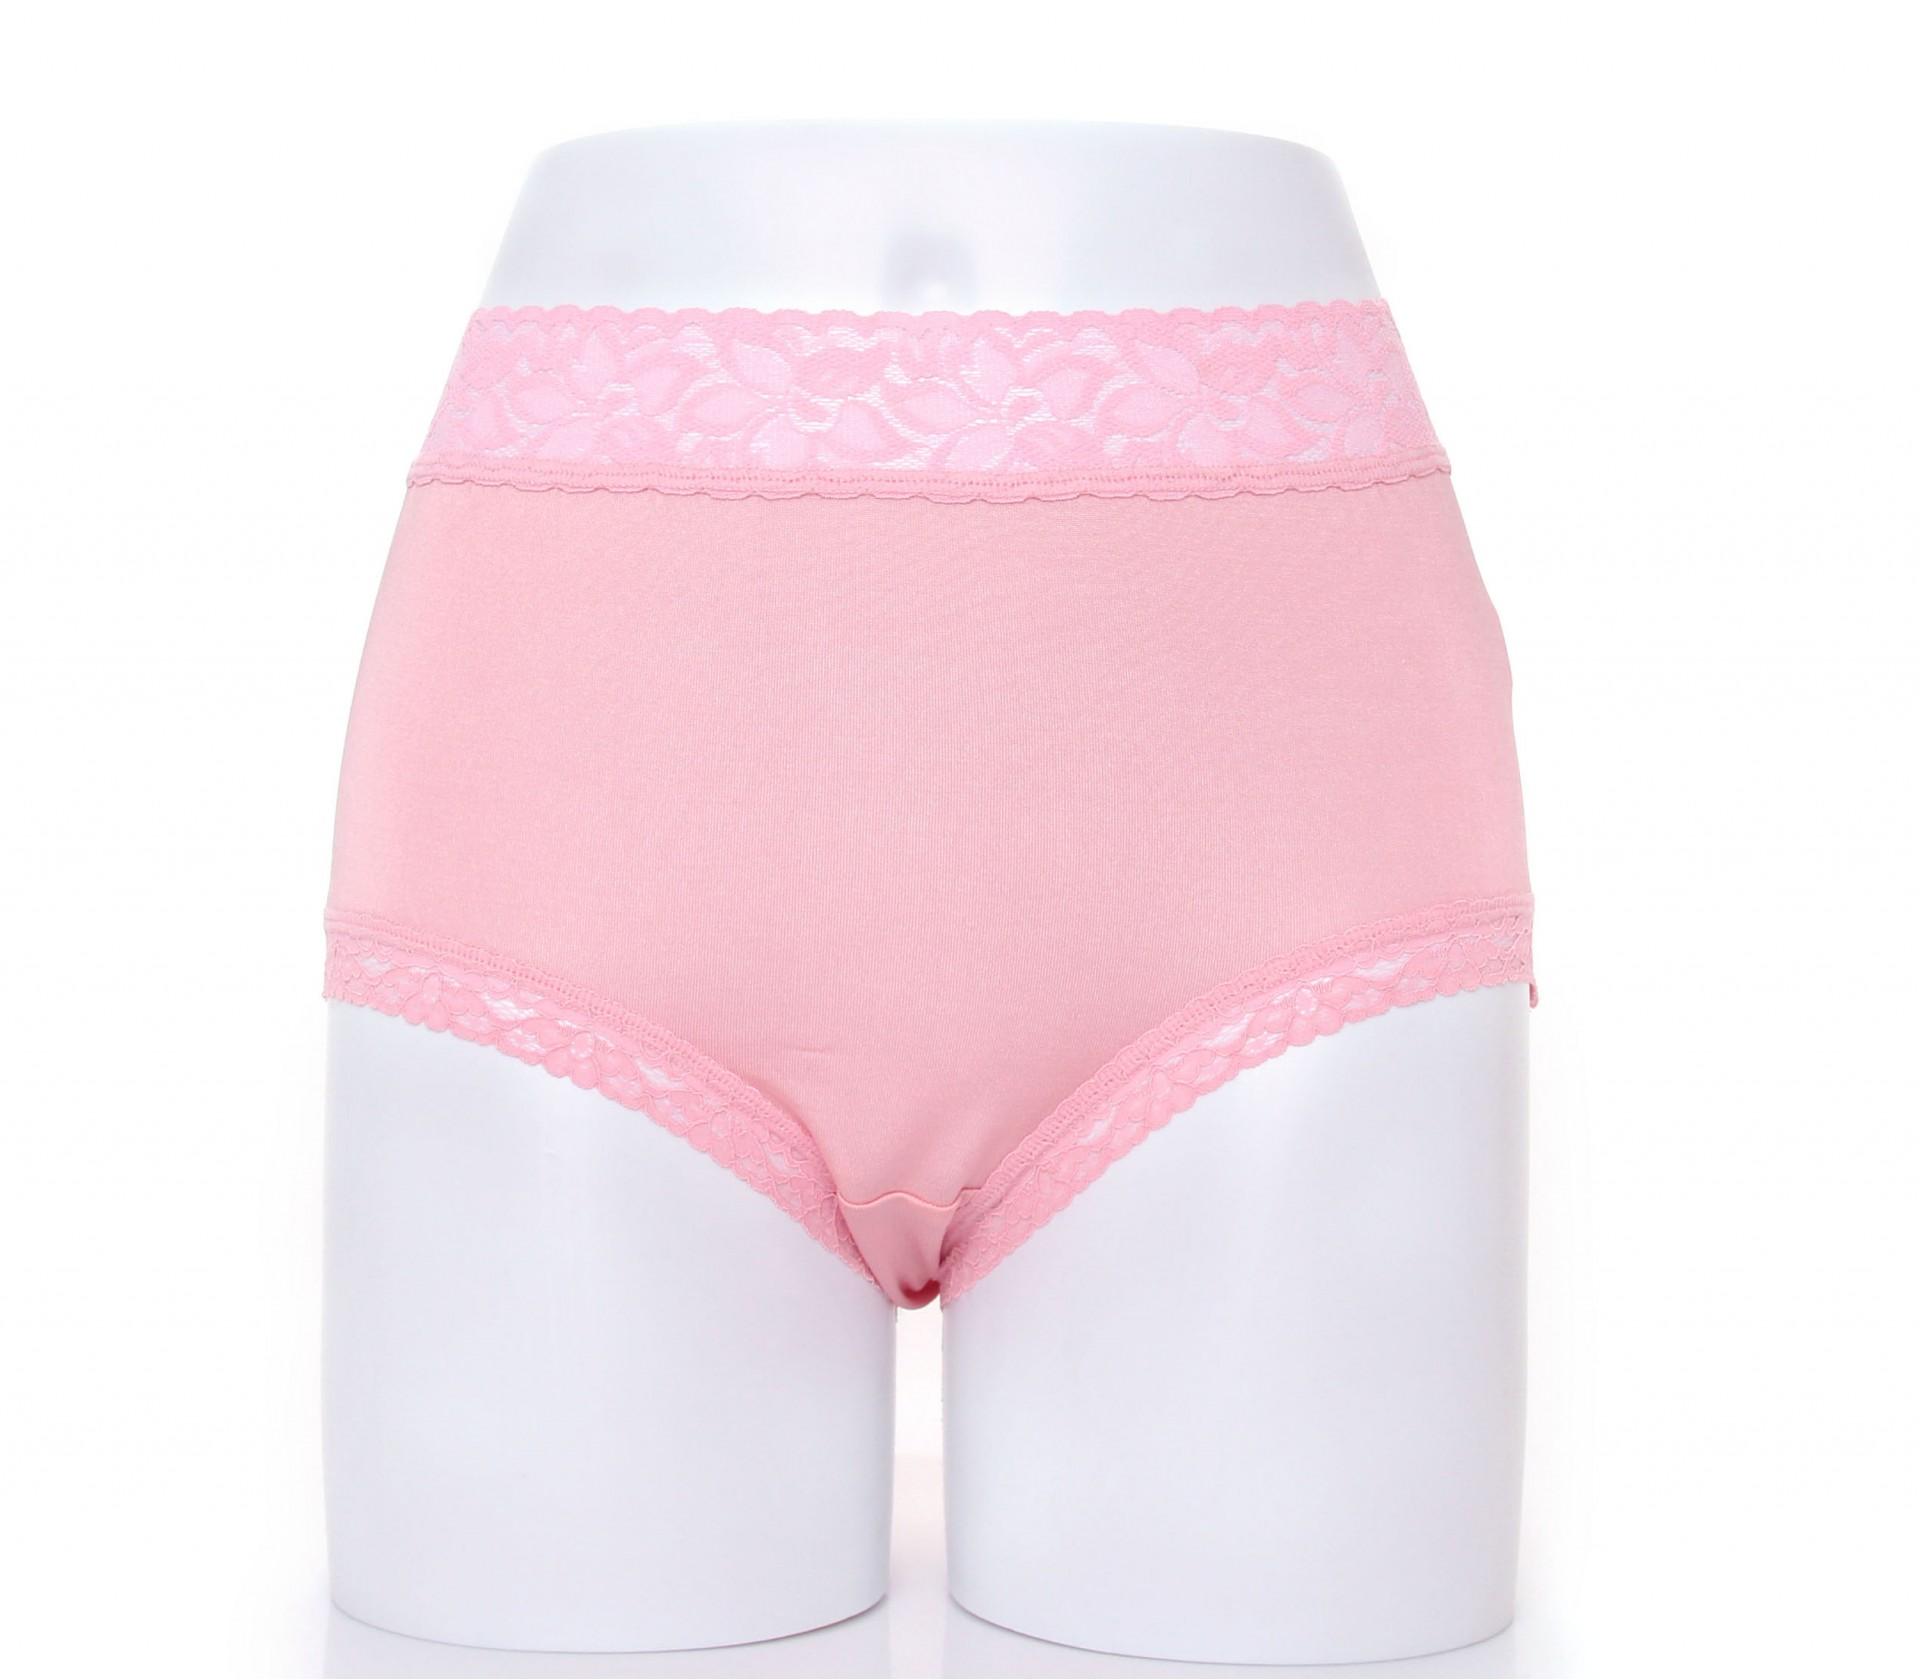 闕蘭絹優雅氣質100%蠶絲內褲-3310(粉)